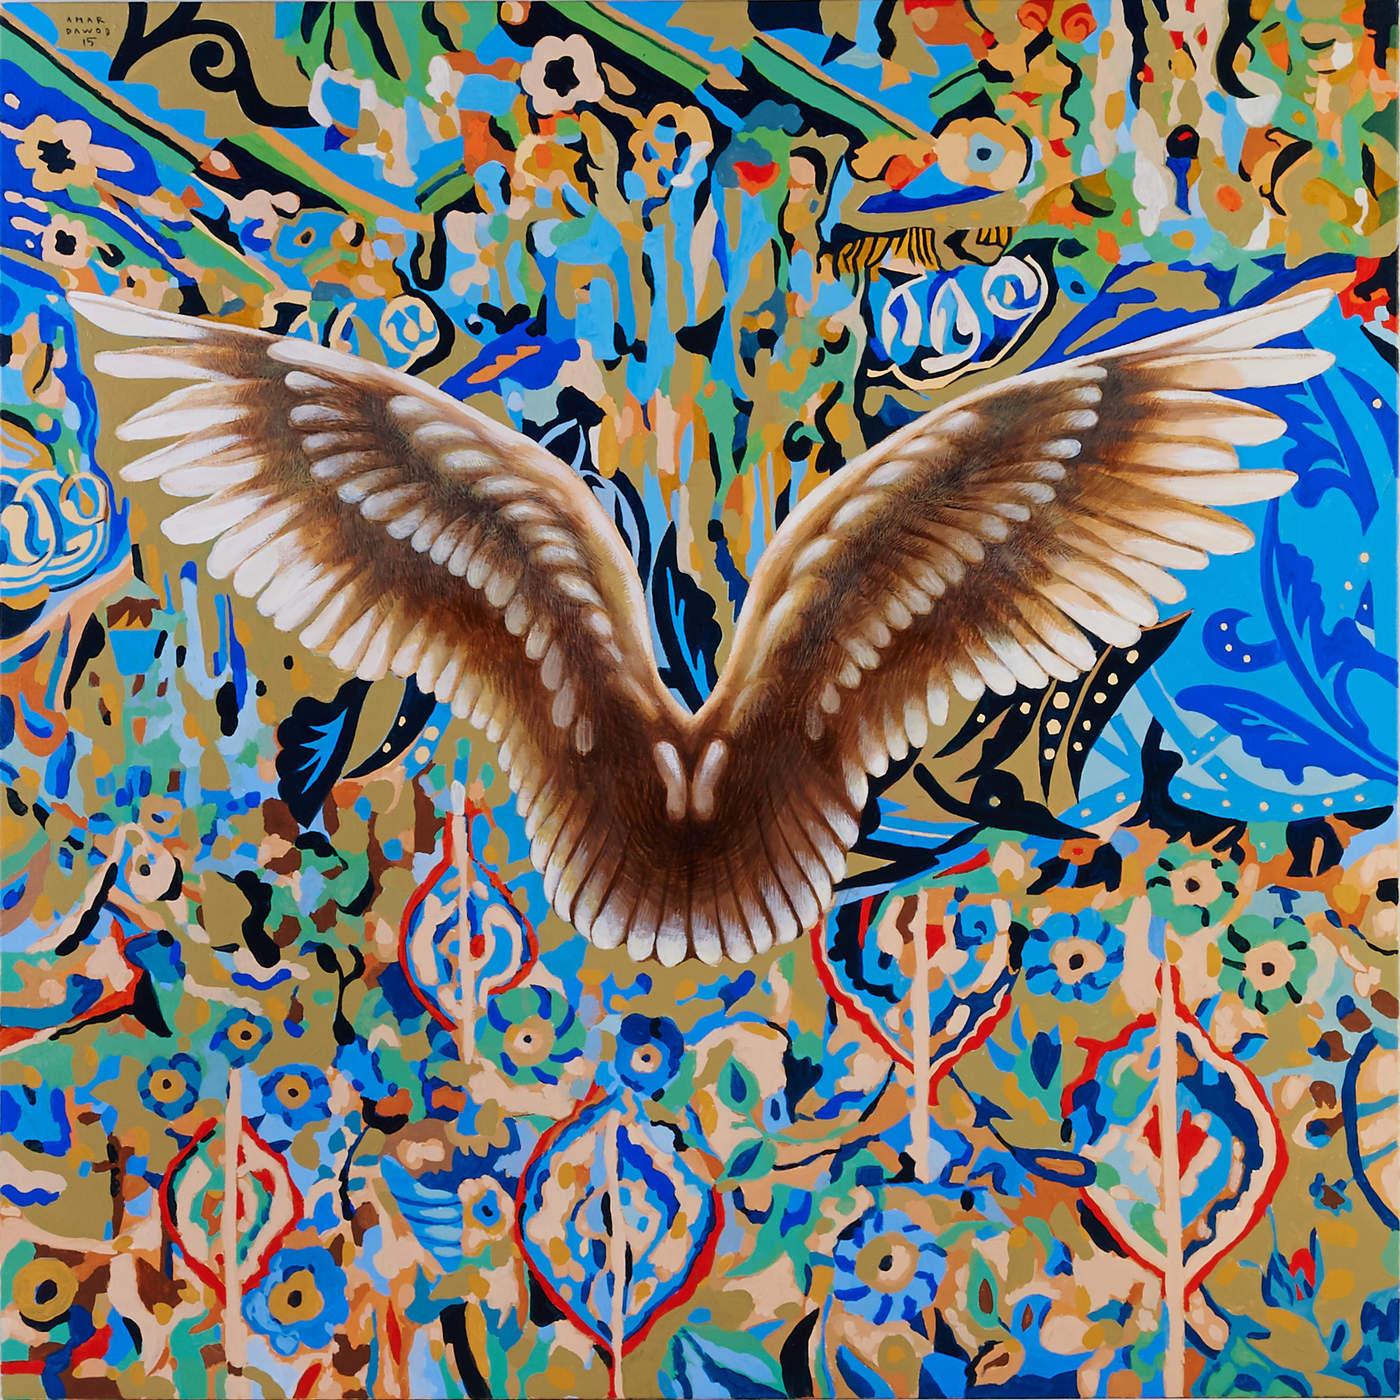 Wings (feat. Jesse Boykins III & Pell)